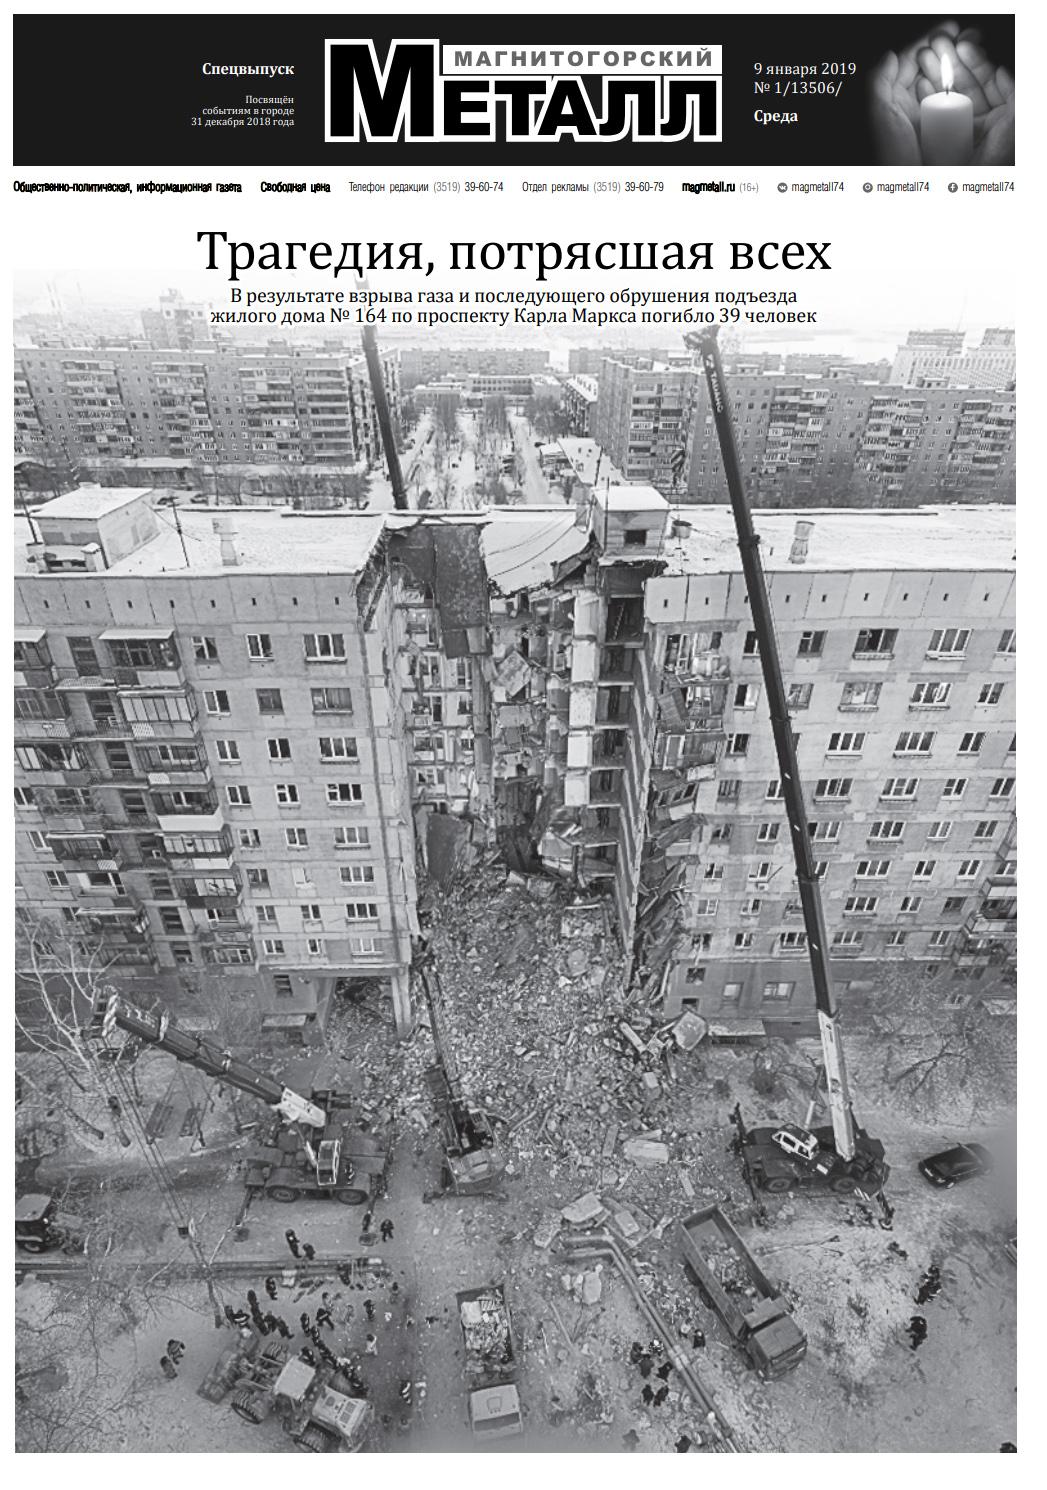 Первый в 2019 году выпуск газеты «Магнитогорский металл» полностью посвящен произошедшей в канун